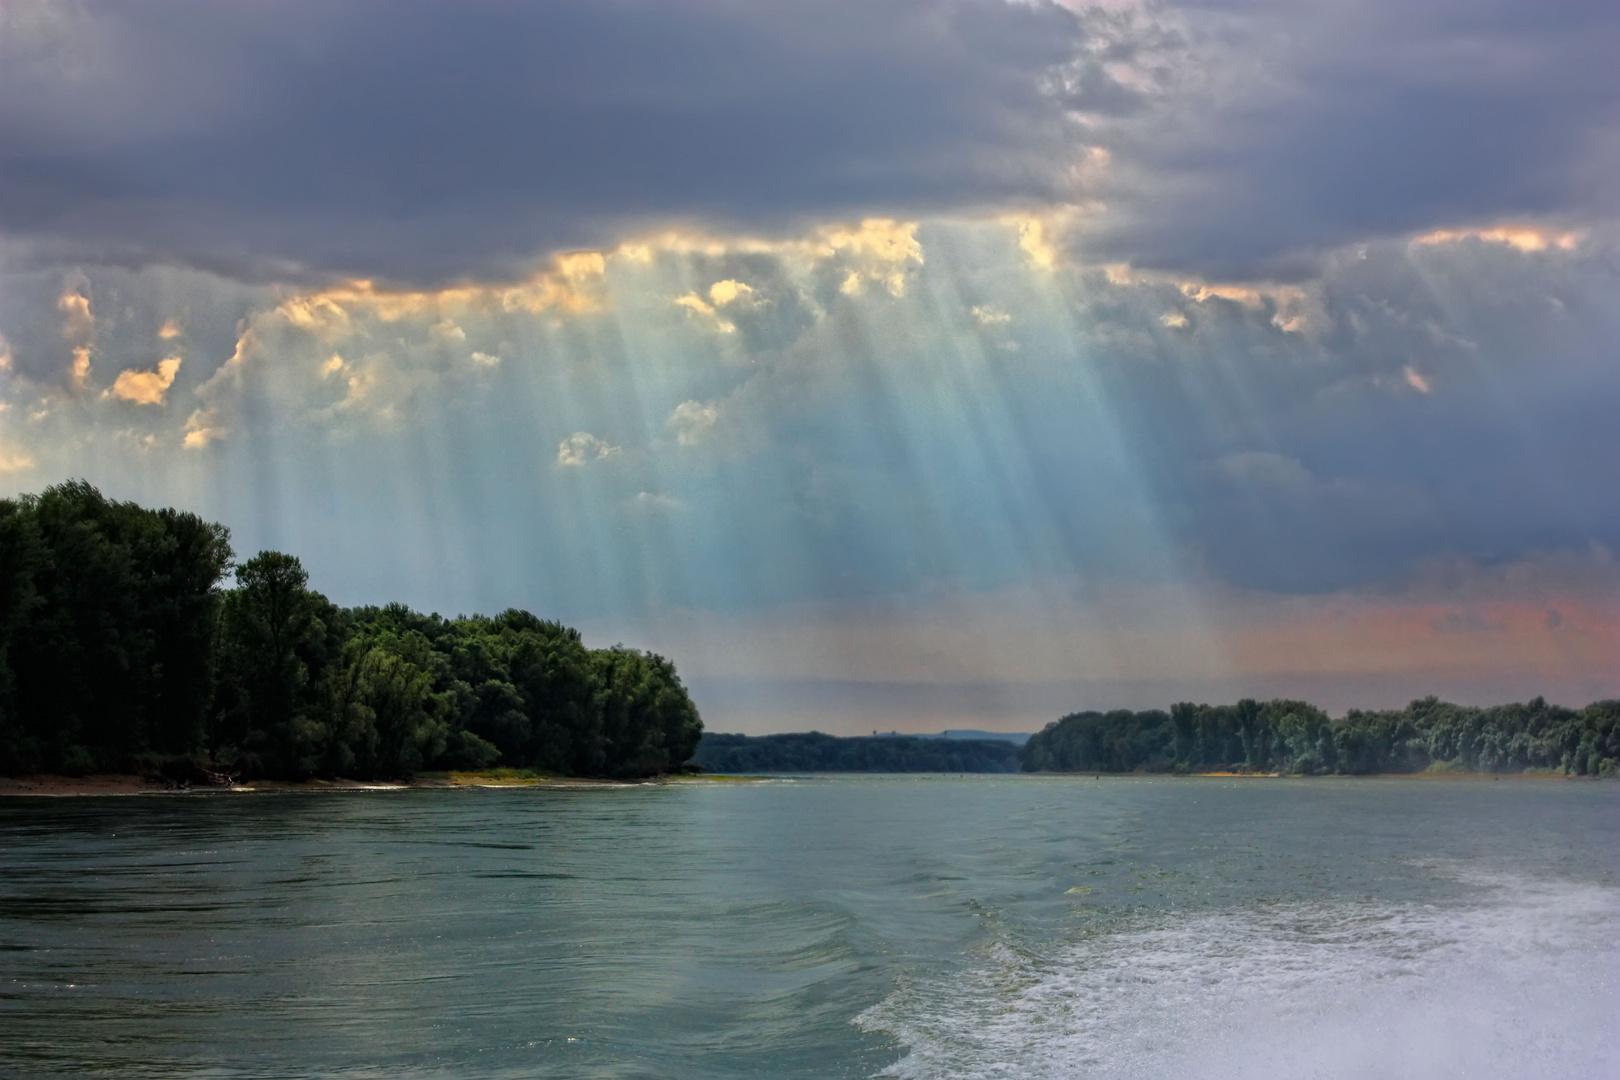 The sky over Danube